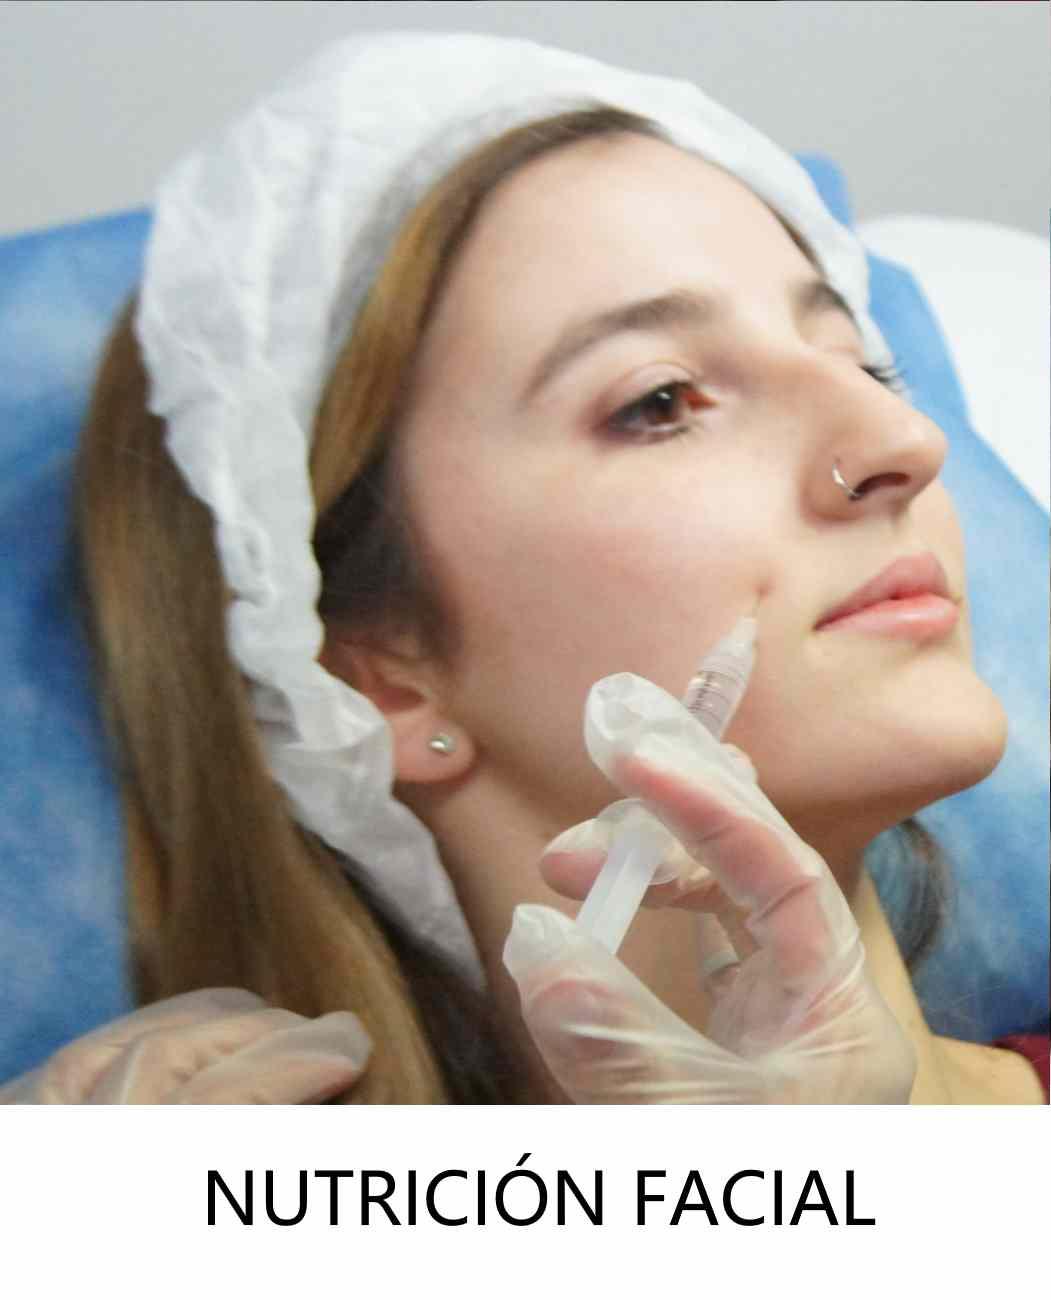 Nutricion facial CFmedicina